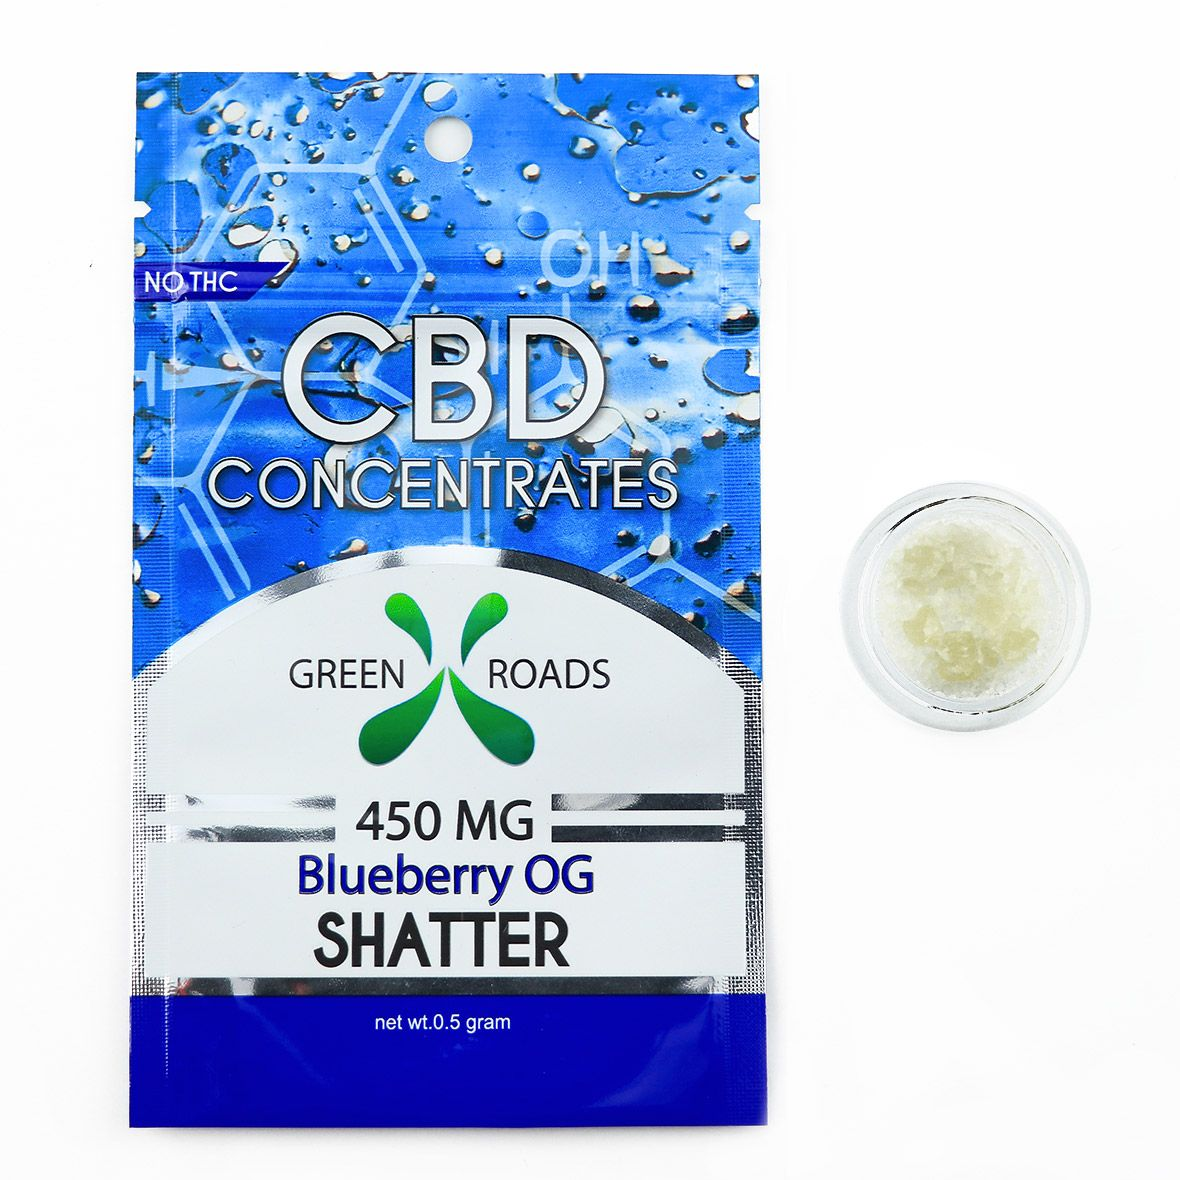 CBD Concentrates Shatter Blueberry OG 450 mg 0.5 g